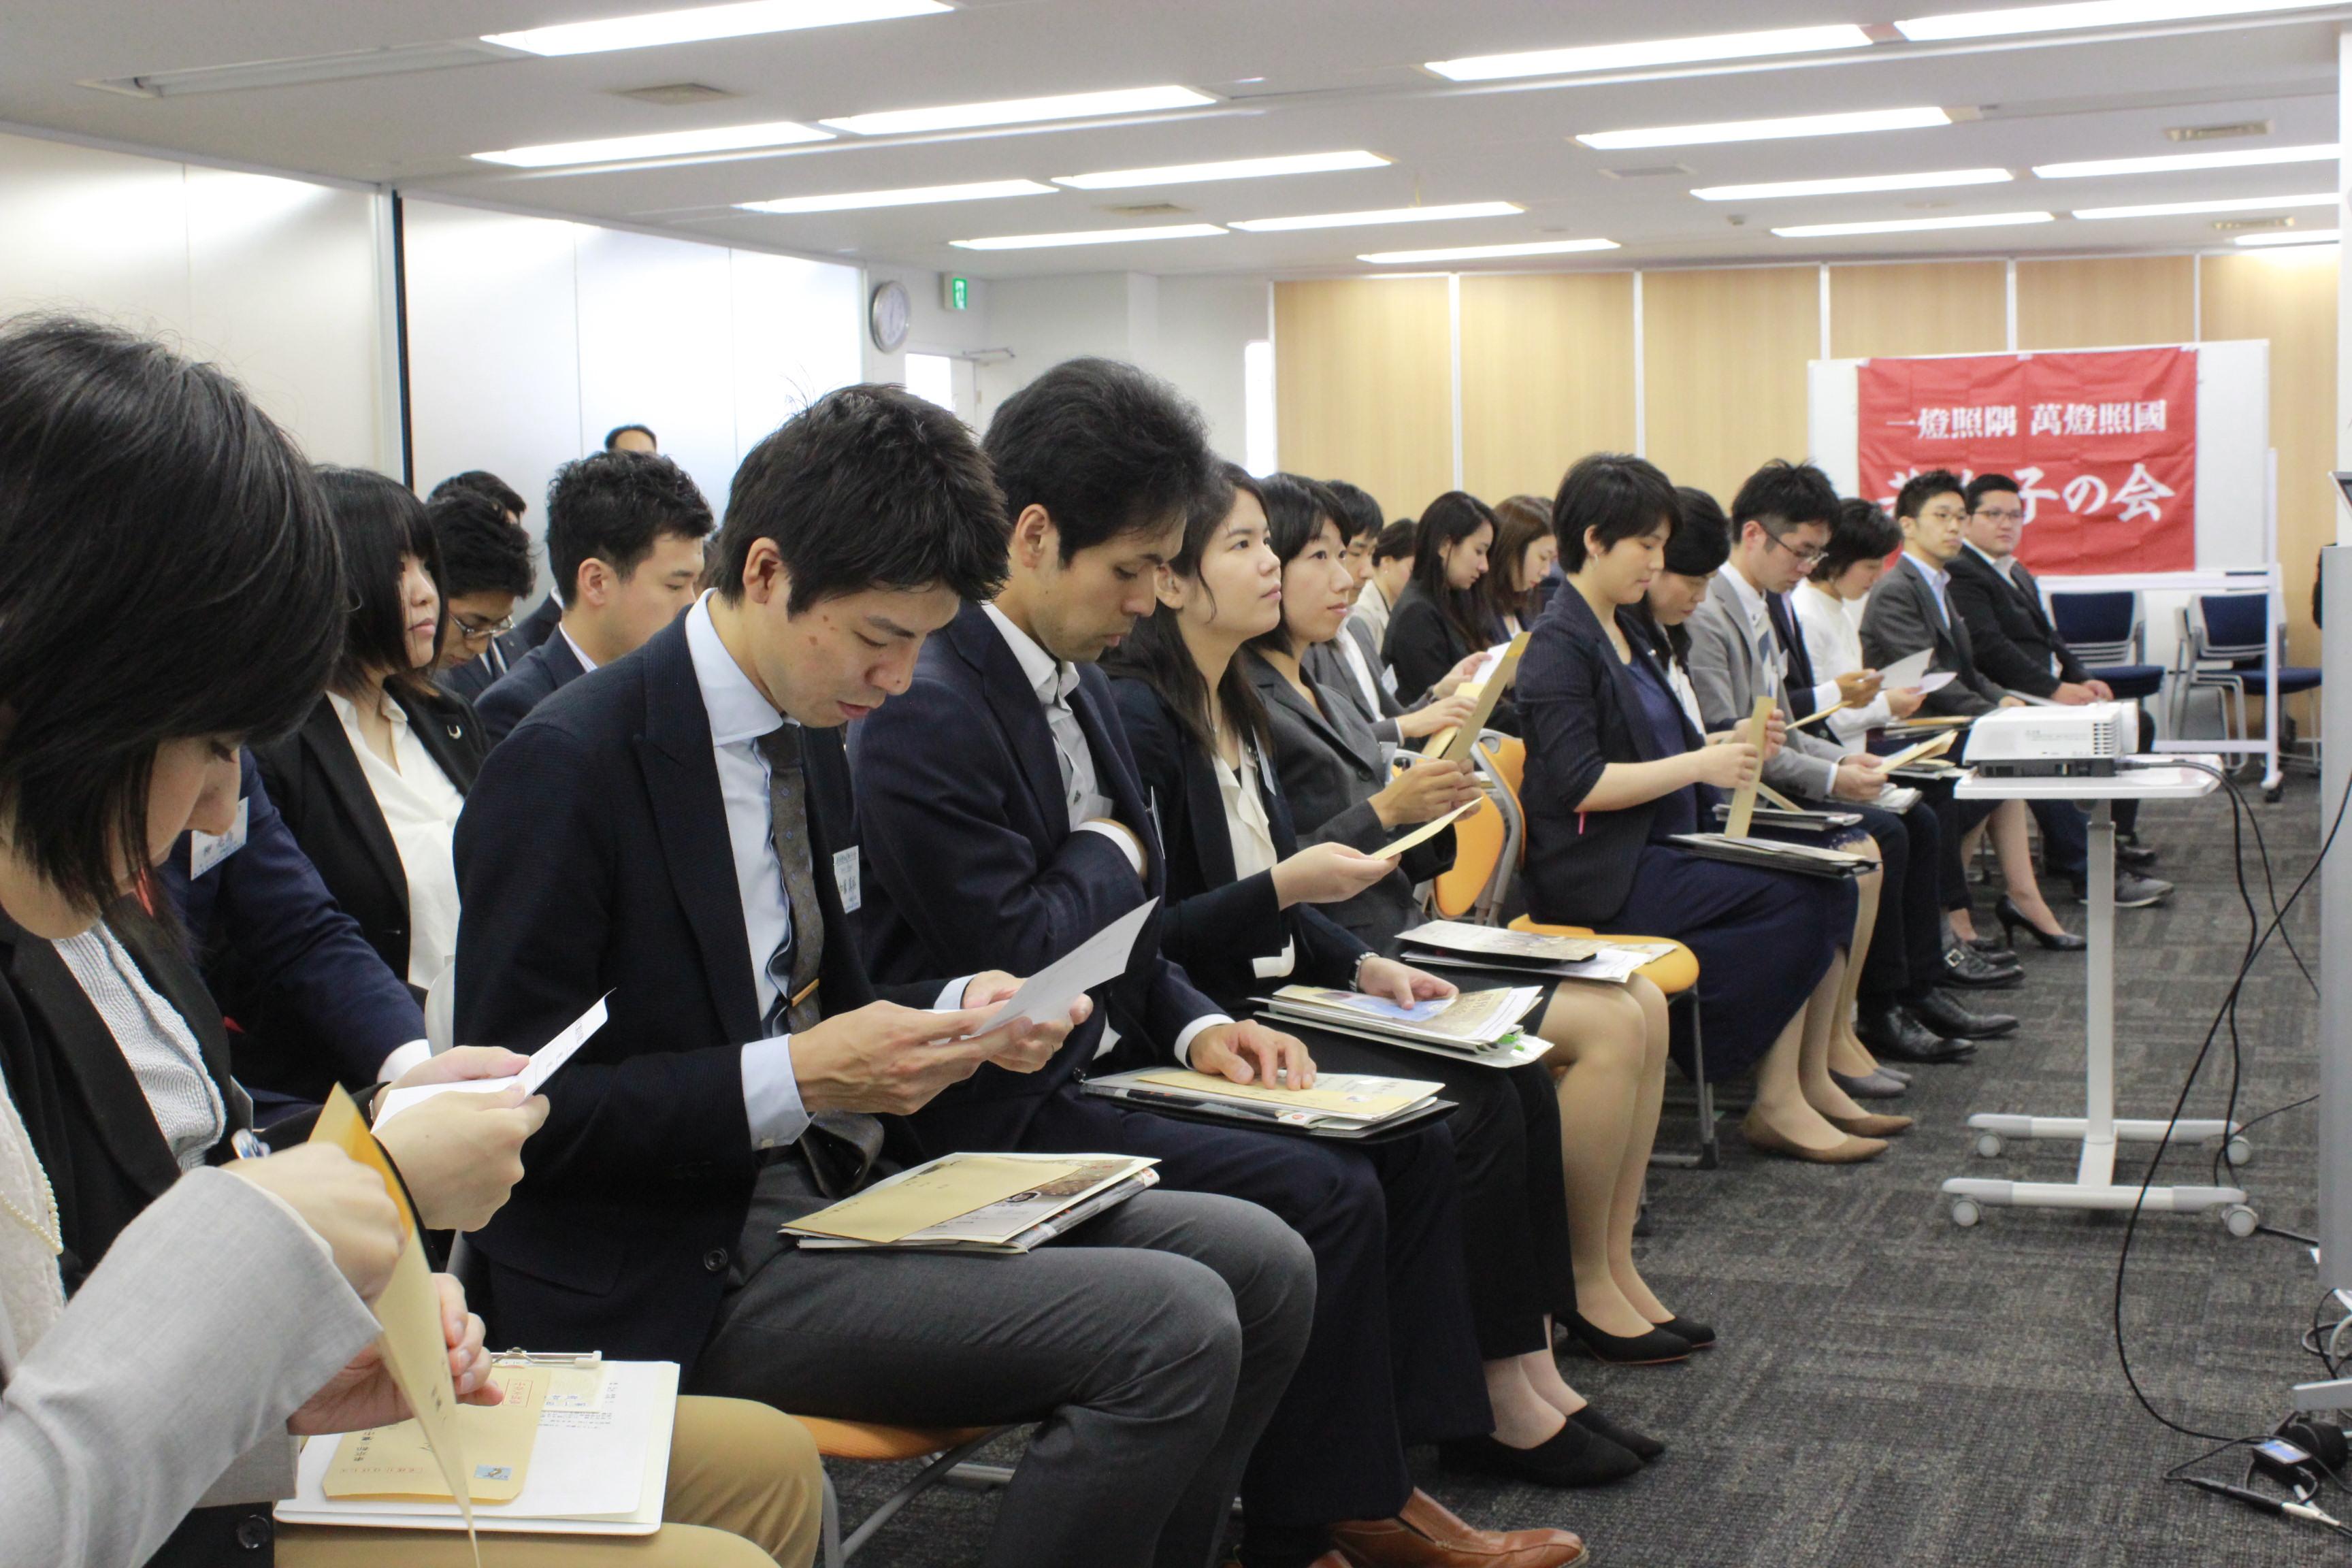 IMG 7733 - 関東若獅子の会、記念すべき第100回